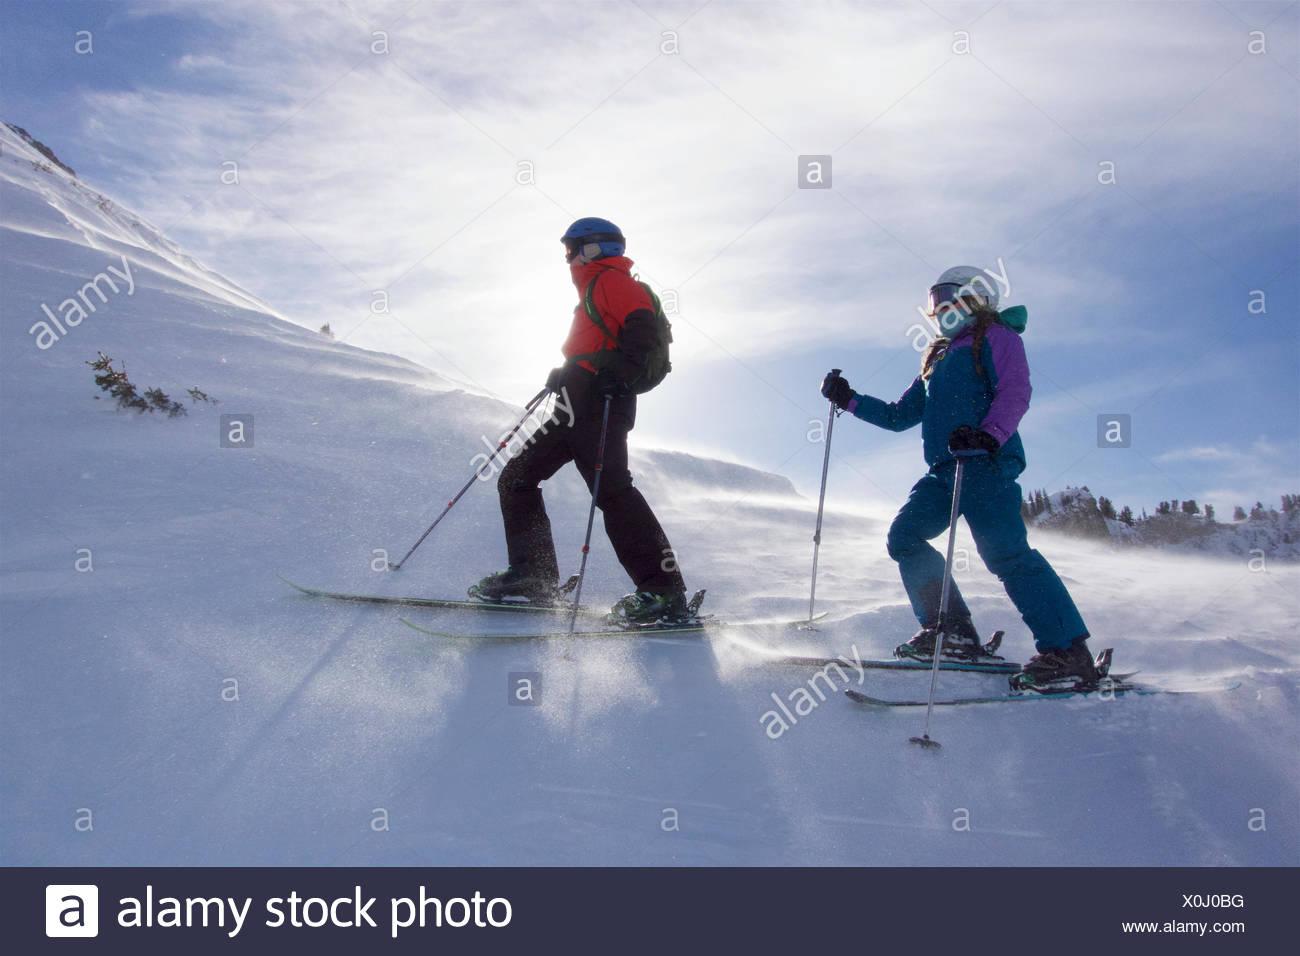 Hermanos adolescentes esquí a través de la cima de una montaña en un día soleado. Imagen De Stock